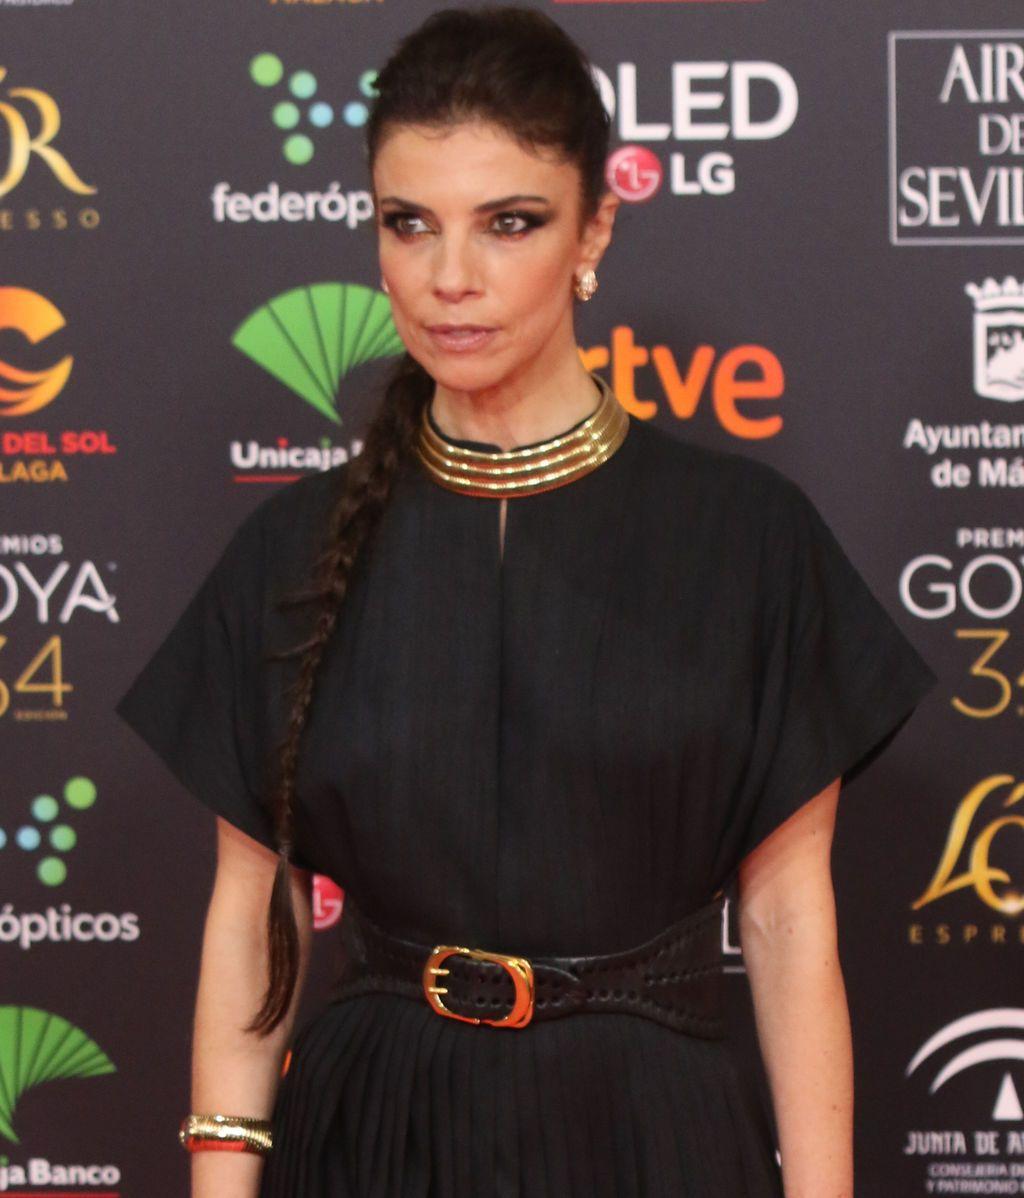 EuropaPress_2612630_La_actriz_Maribel_Verdú_posa_en_la_alfombra_roja_de_la_XXXIV_edición_de_los_Premios_Goya_en_Málaga_(Andalucía_España)_a_25_de_enero_de_2020_